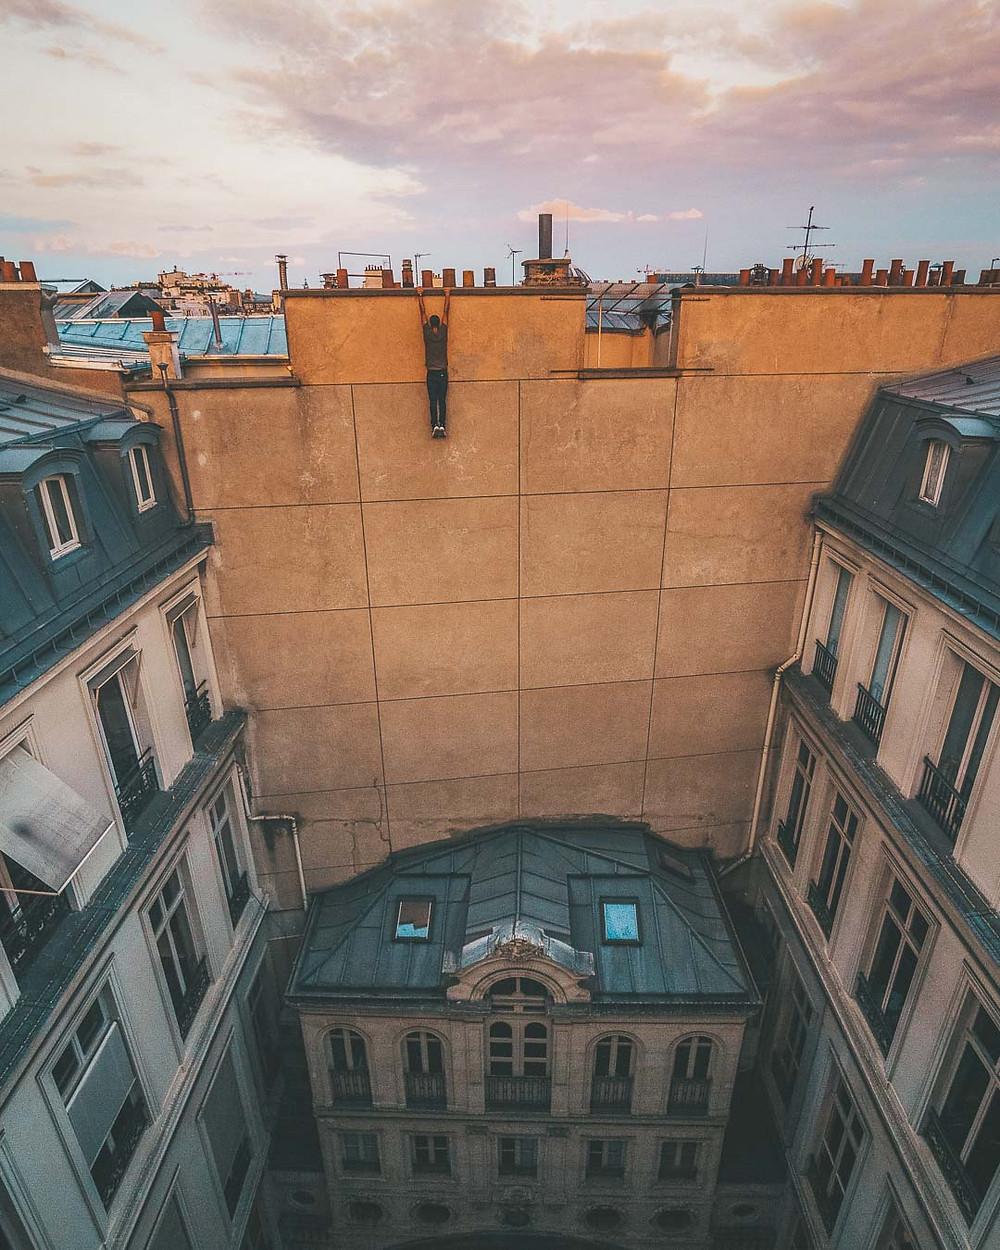 Suspendu au bord du toit